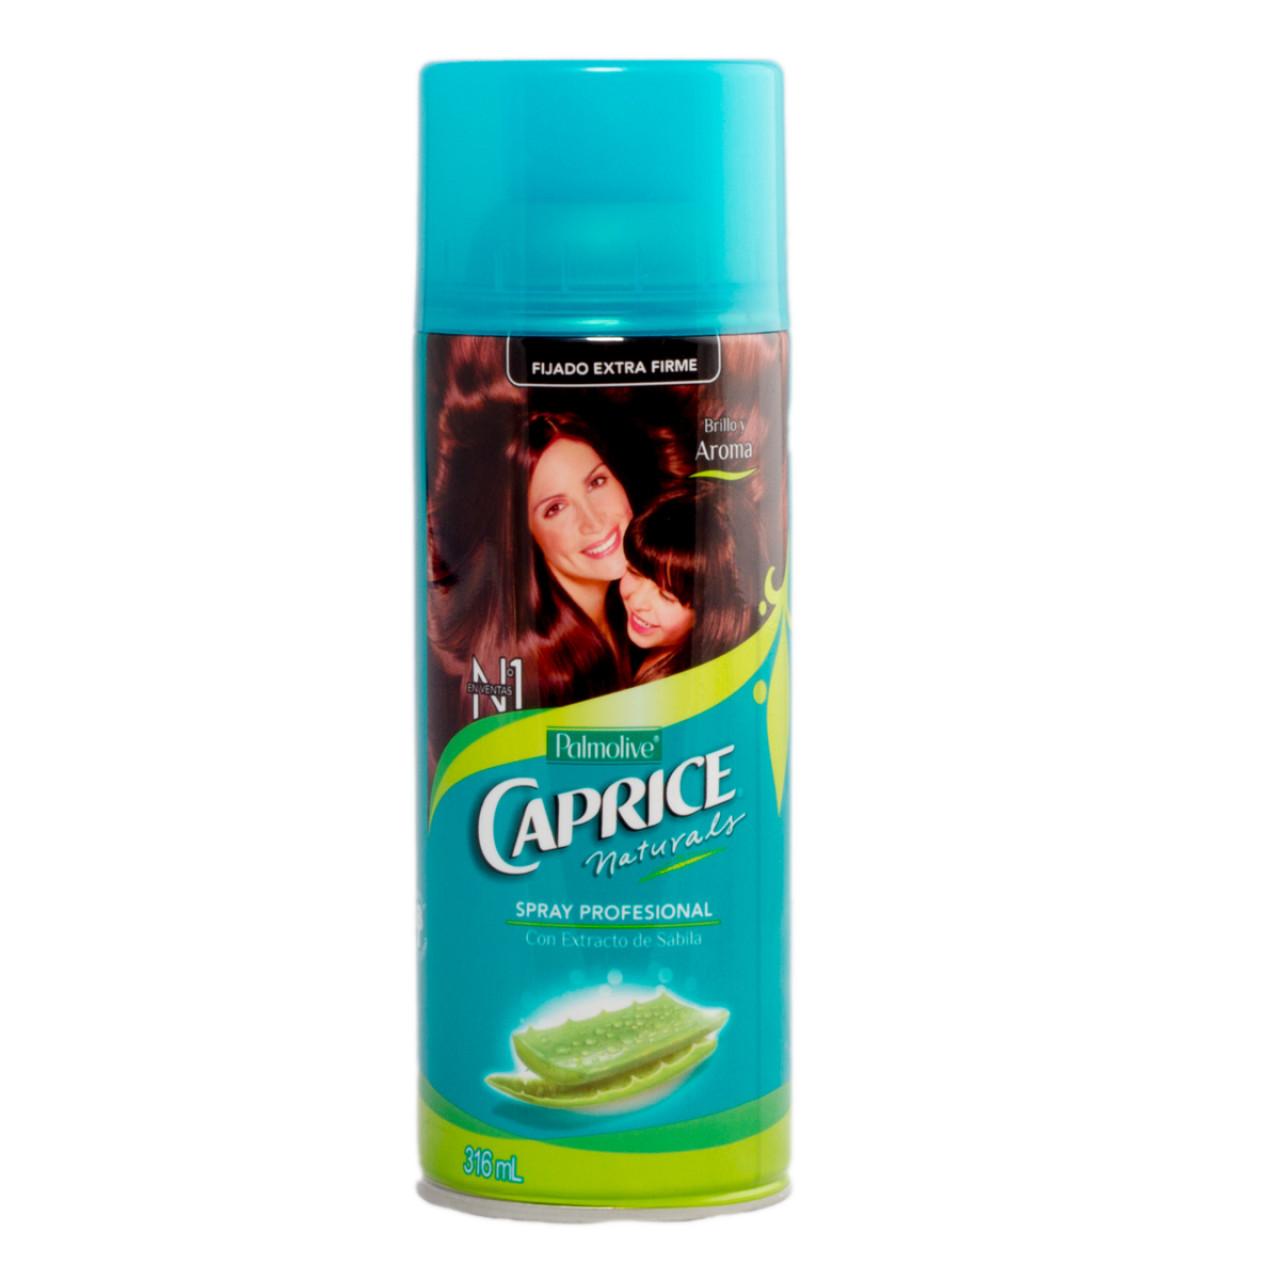 Comprar Caprice Naturals Extra Sabila 1 Frasco Spray 316 Ml